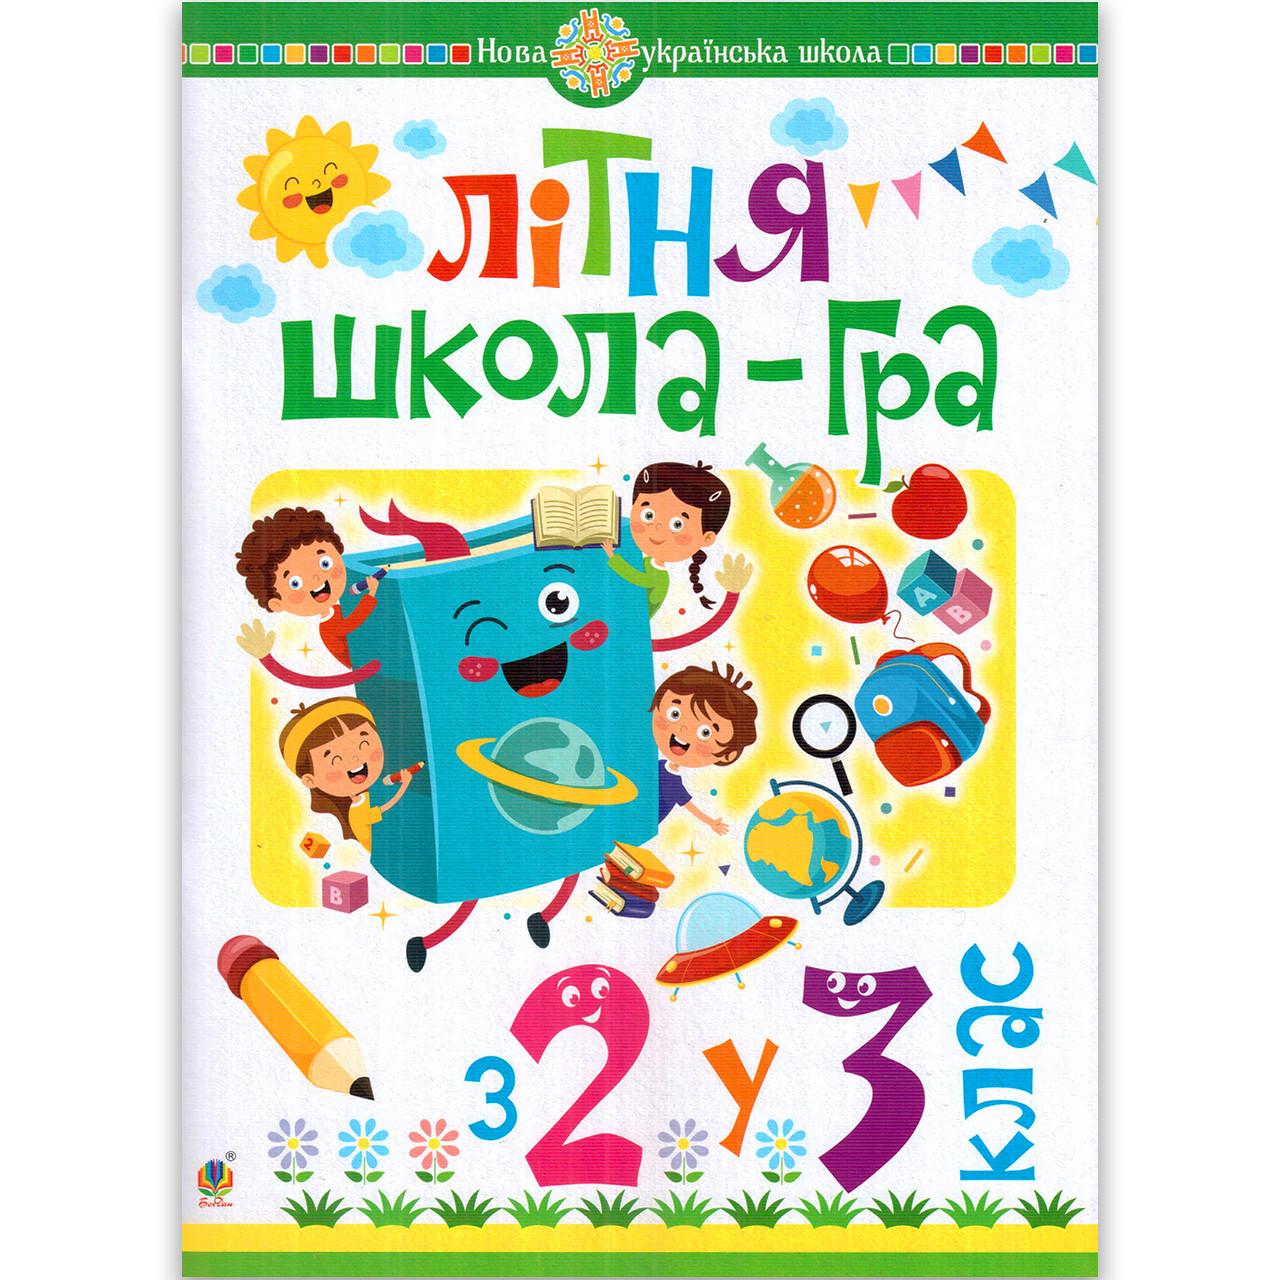 Літня школа-гра з 2 у 3 клас Авт: Беденко М. Вид: Богдан